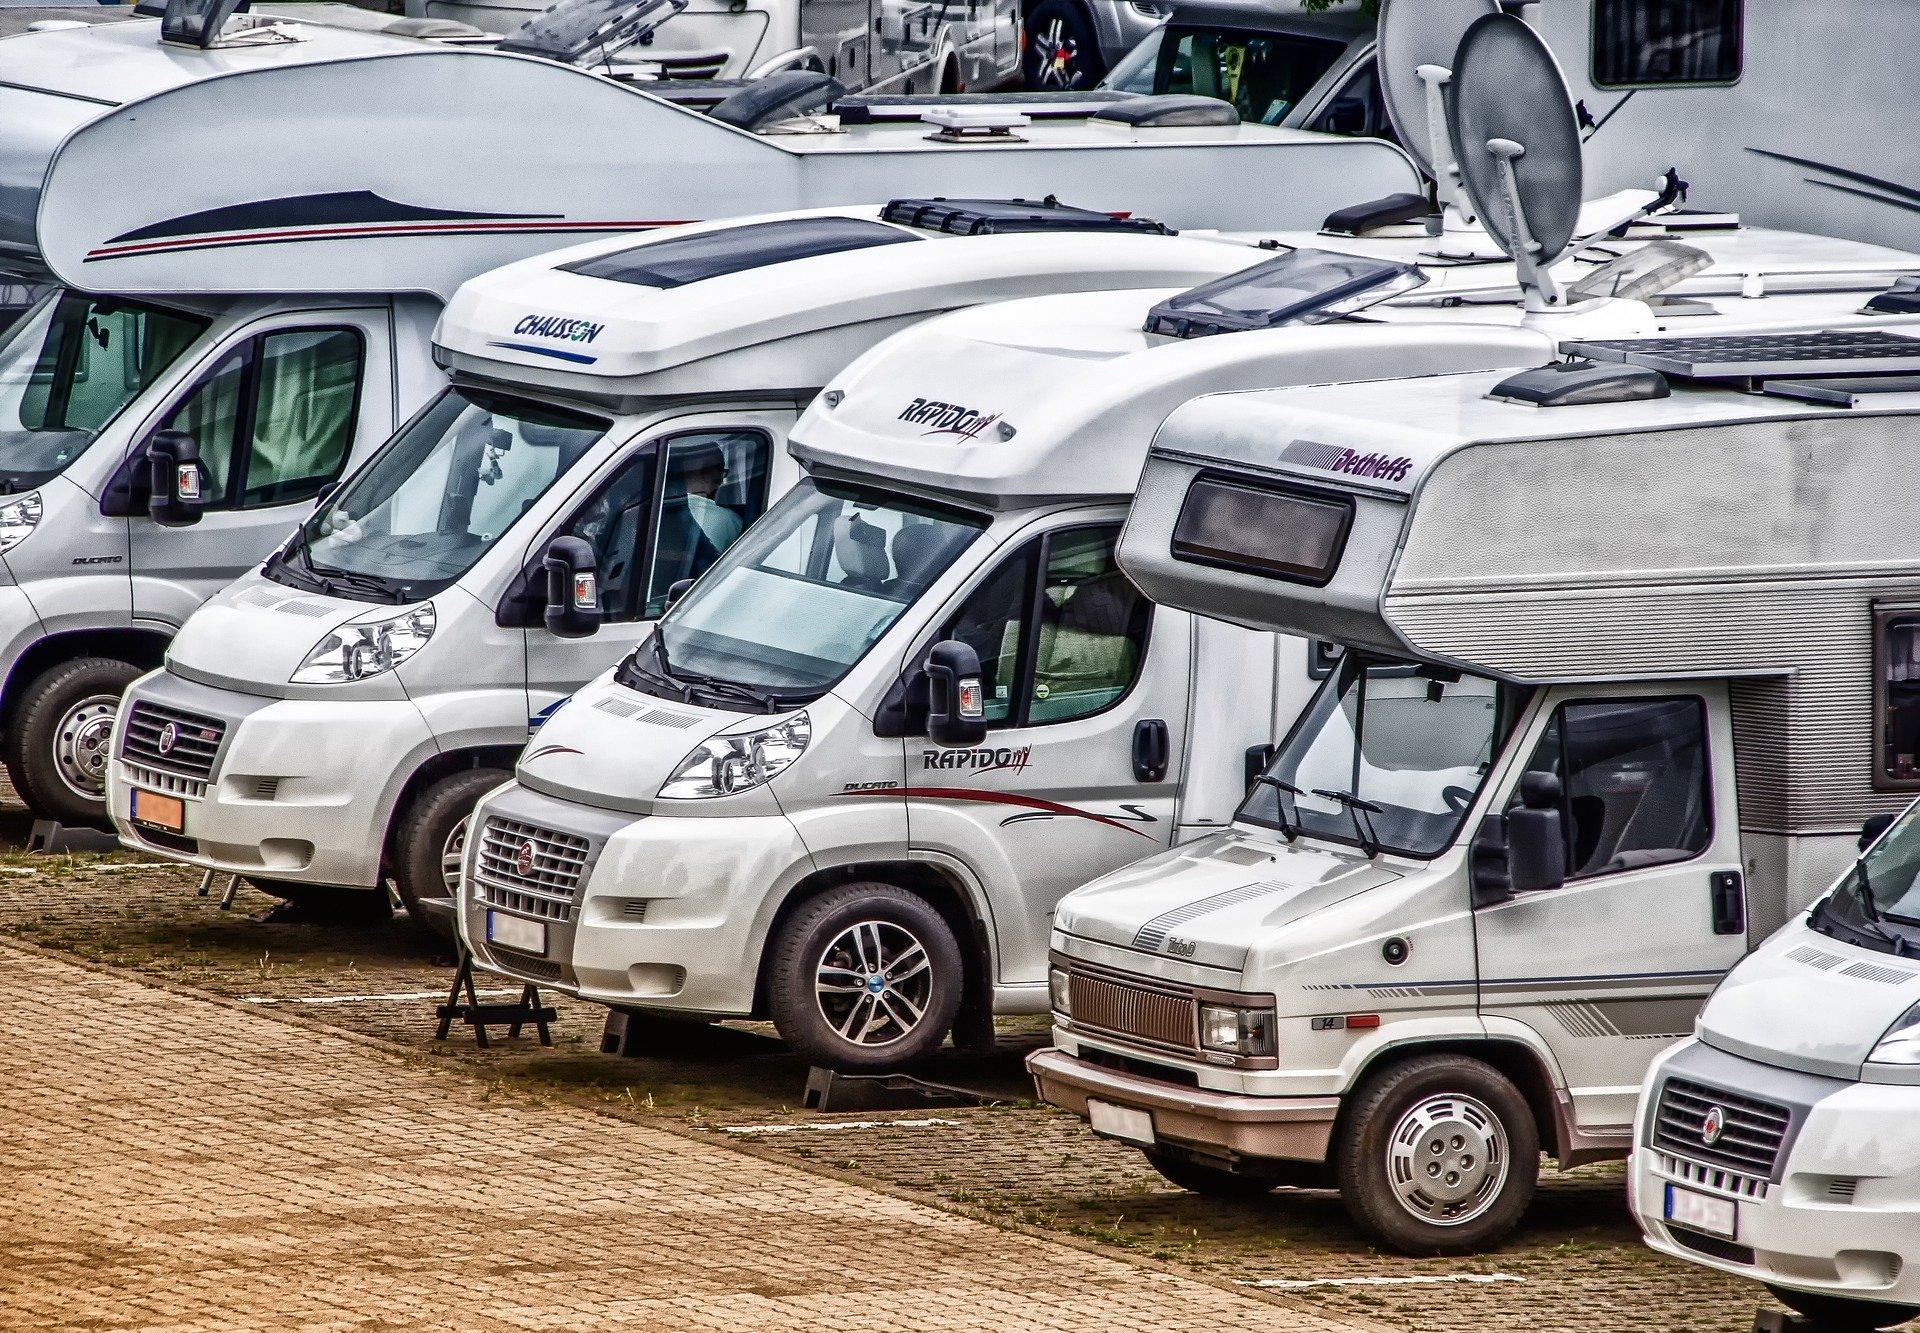 Mehrere Wohnmobile parken in einer Reihe nebeneinander auf einem Campingplatz.